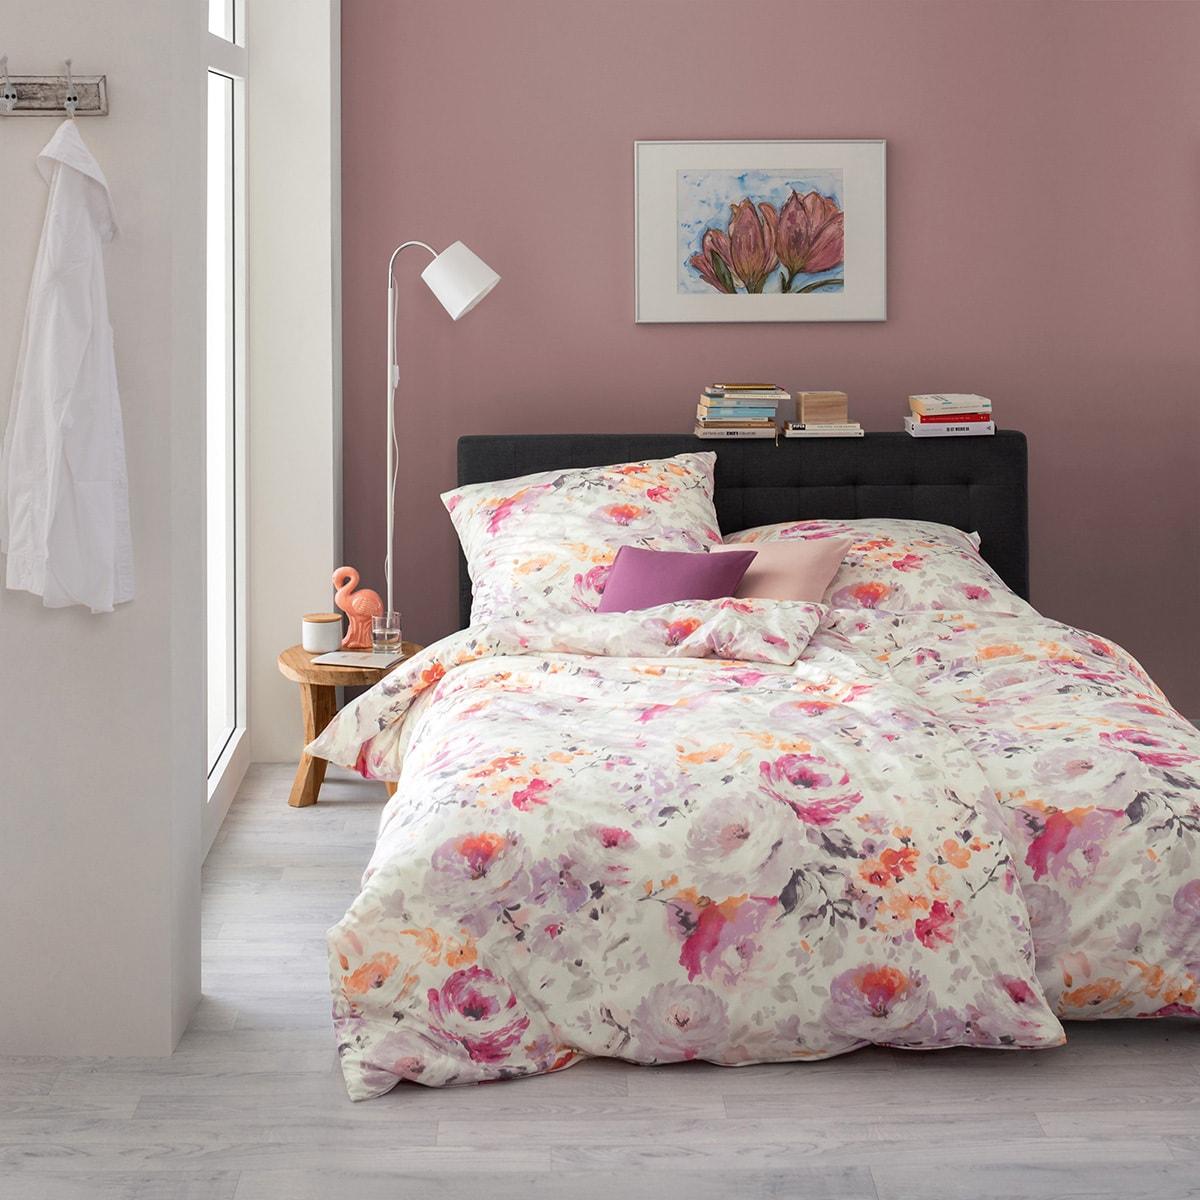 estella mako interlock jersey bettw sche viola flieder. Black Bedroom Furniture Sets. Home Design Ideas